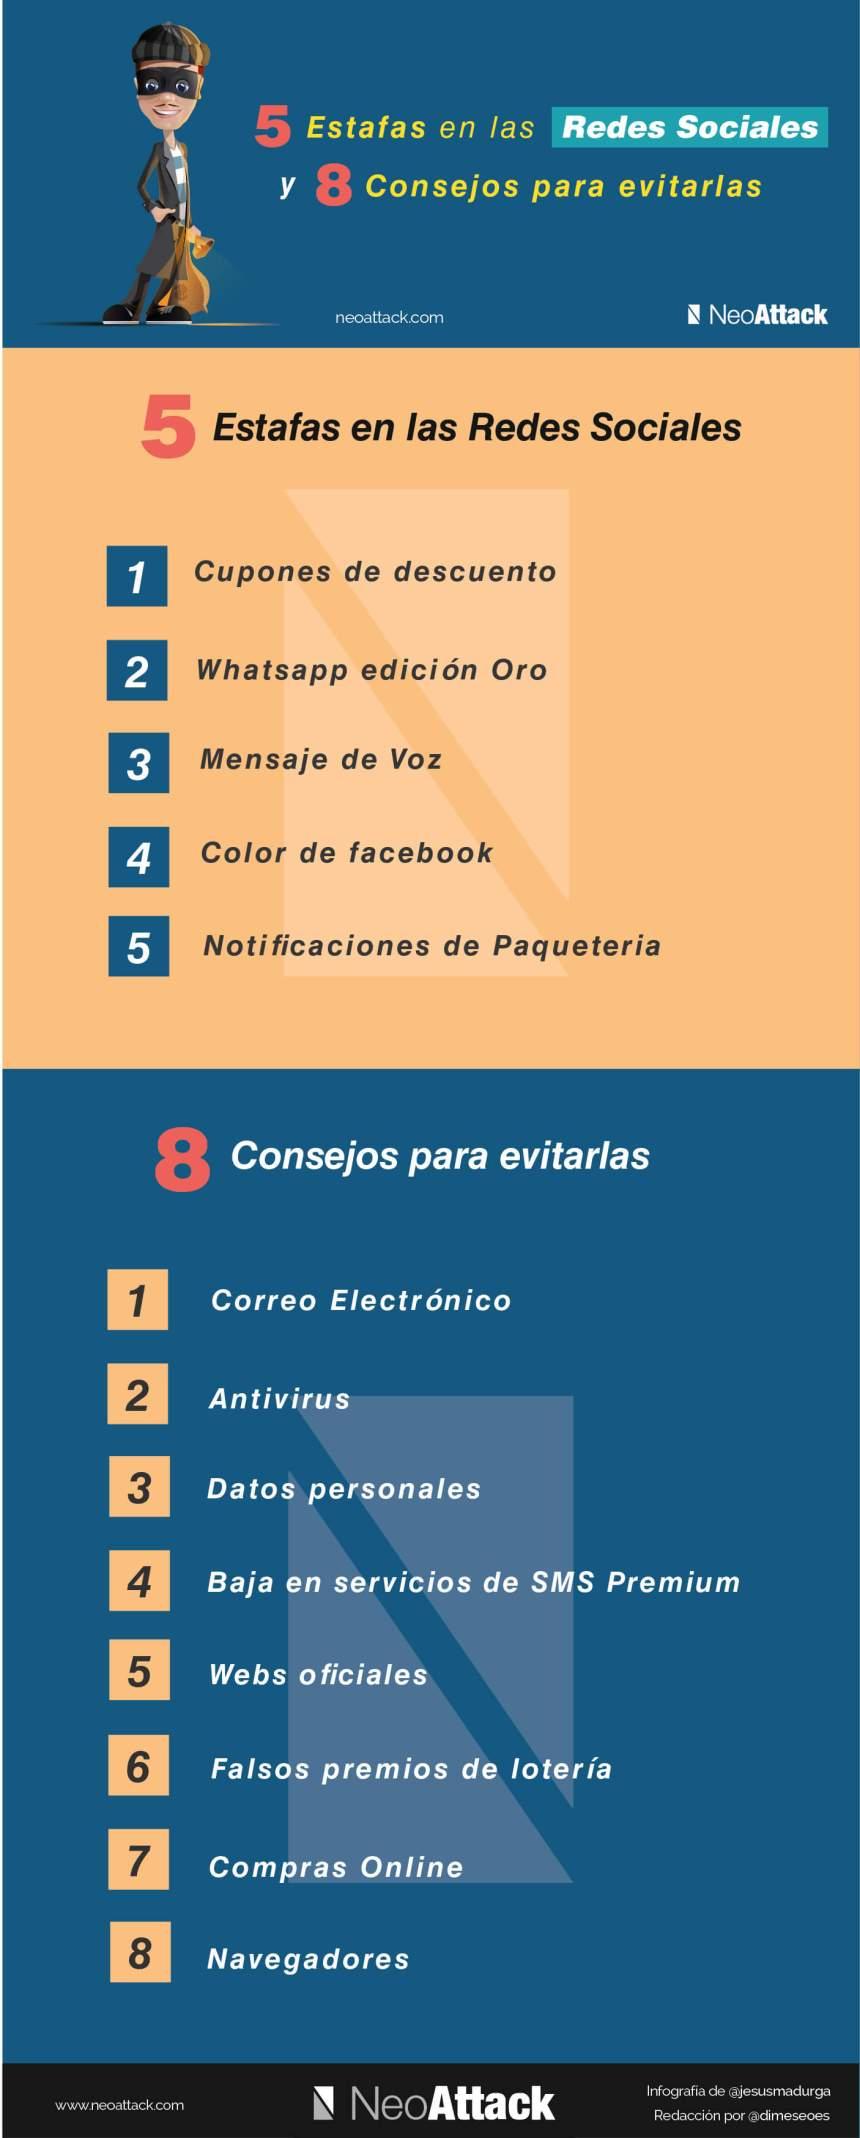 5 Estafas por internet en redes sociales y como evitarlas